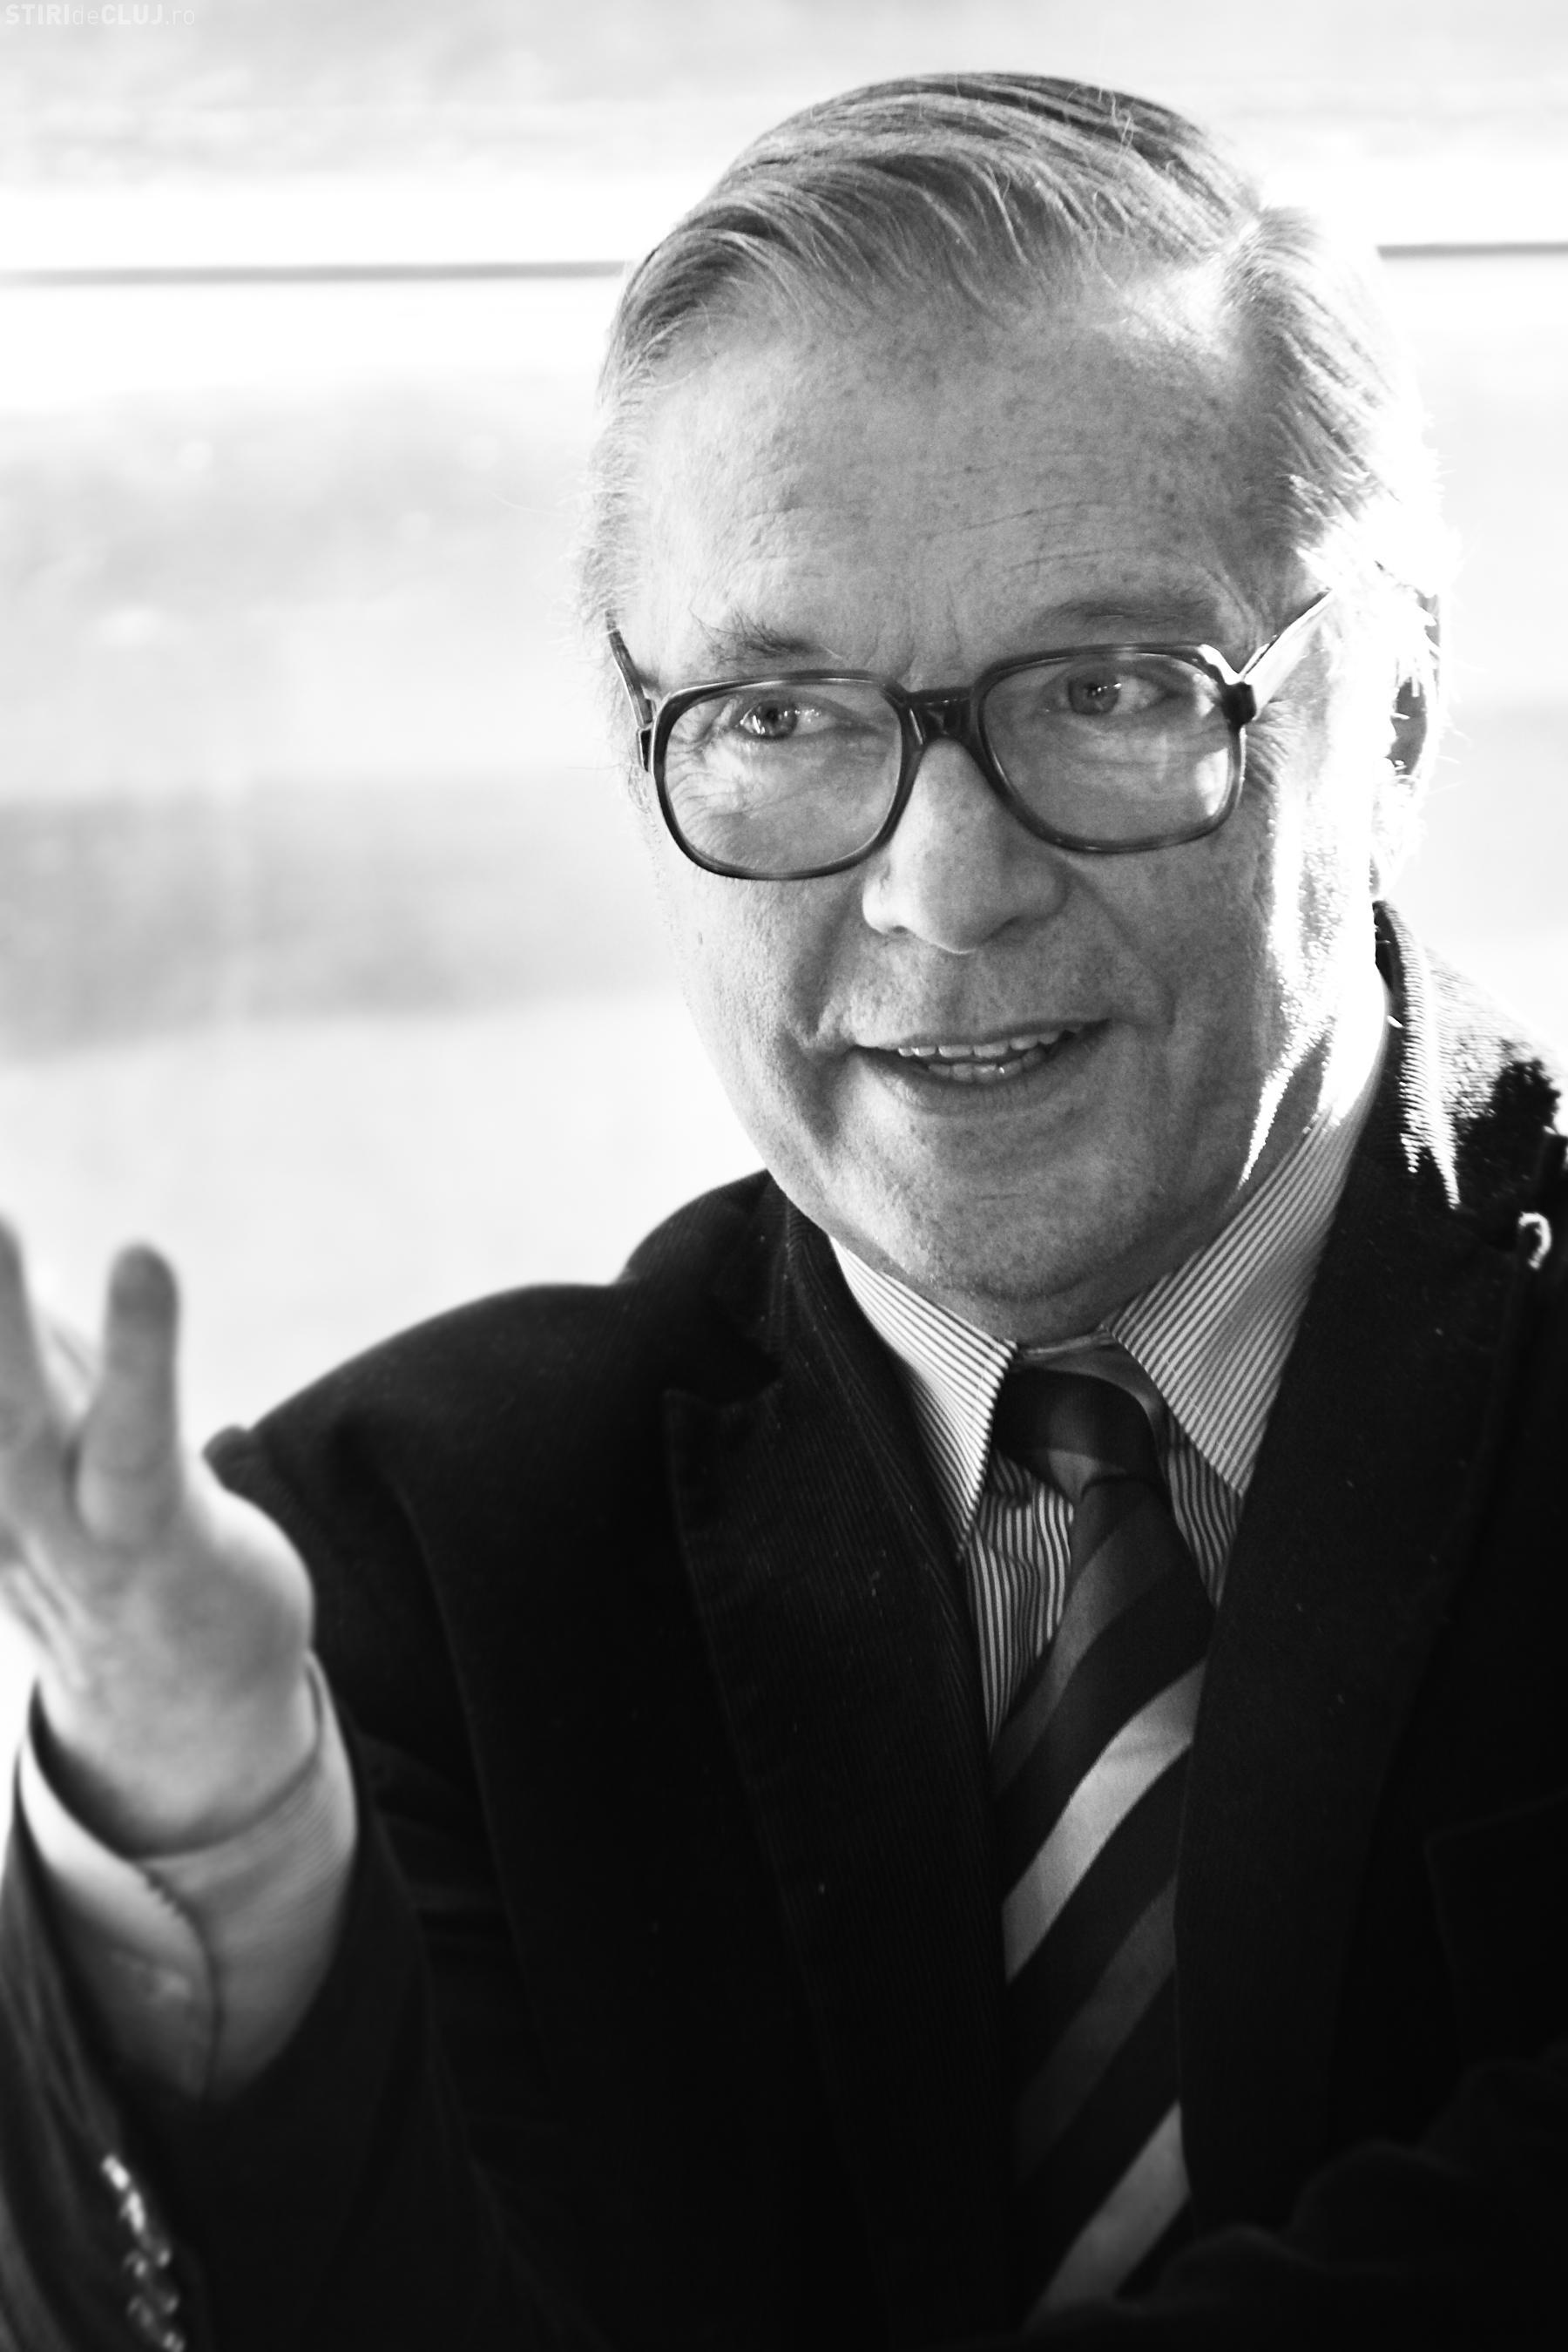 Faimosul regizor polonez Krzysztof Zanussi, premiat pentru întreaga carieră la TIFF